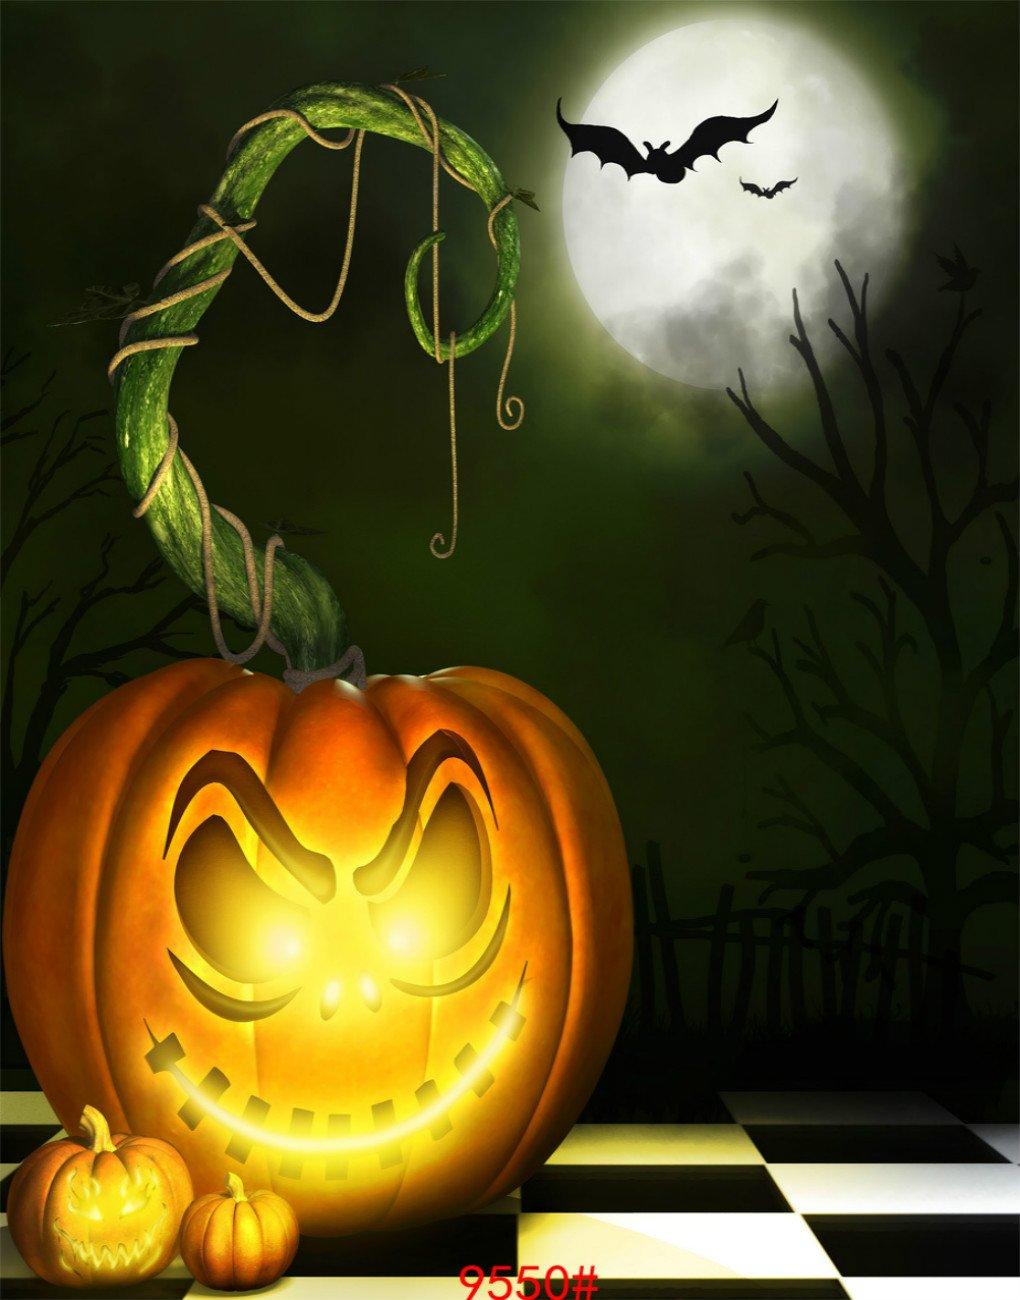 ホラーハロウィン照明ランタンパンプキン写真の背景幕Terror Bat MoonカーニバルパーティーStudioフォト背景 3X4FT 9550 B076H1RB1H